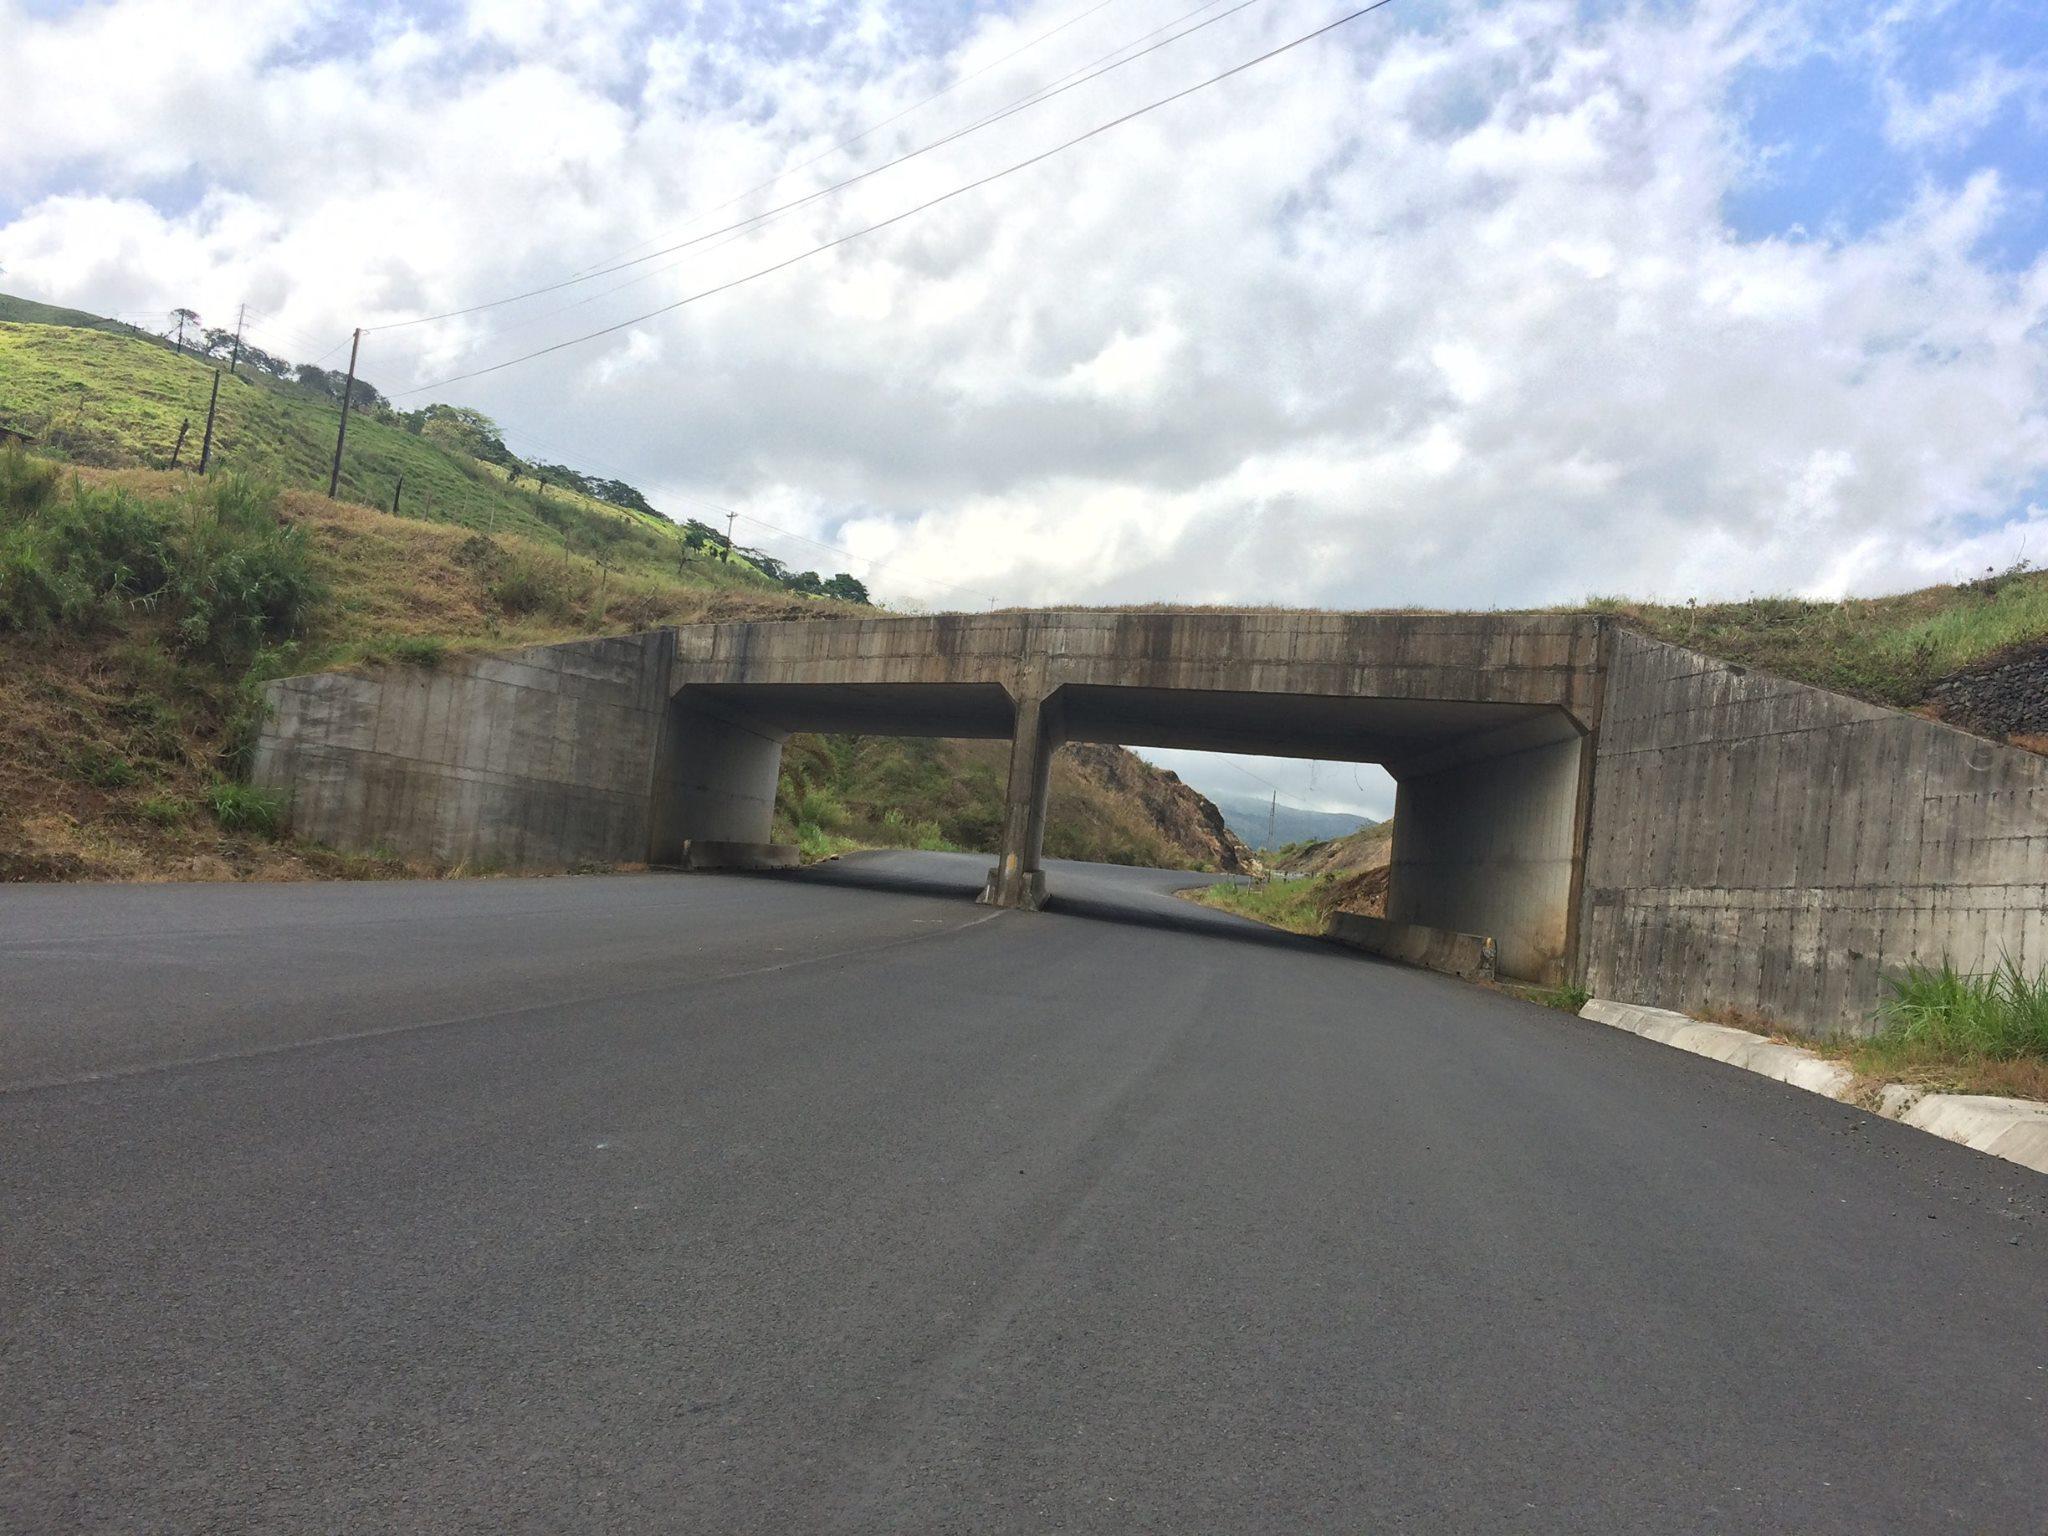 recorrido por la carretera en construcción Sifón Florencia